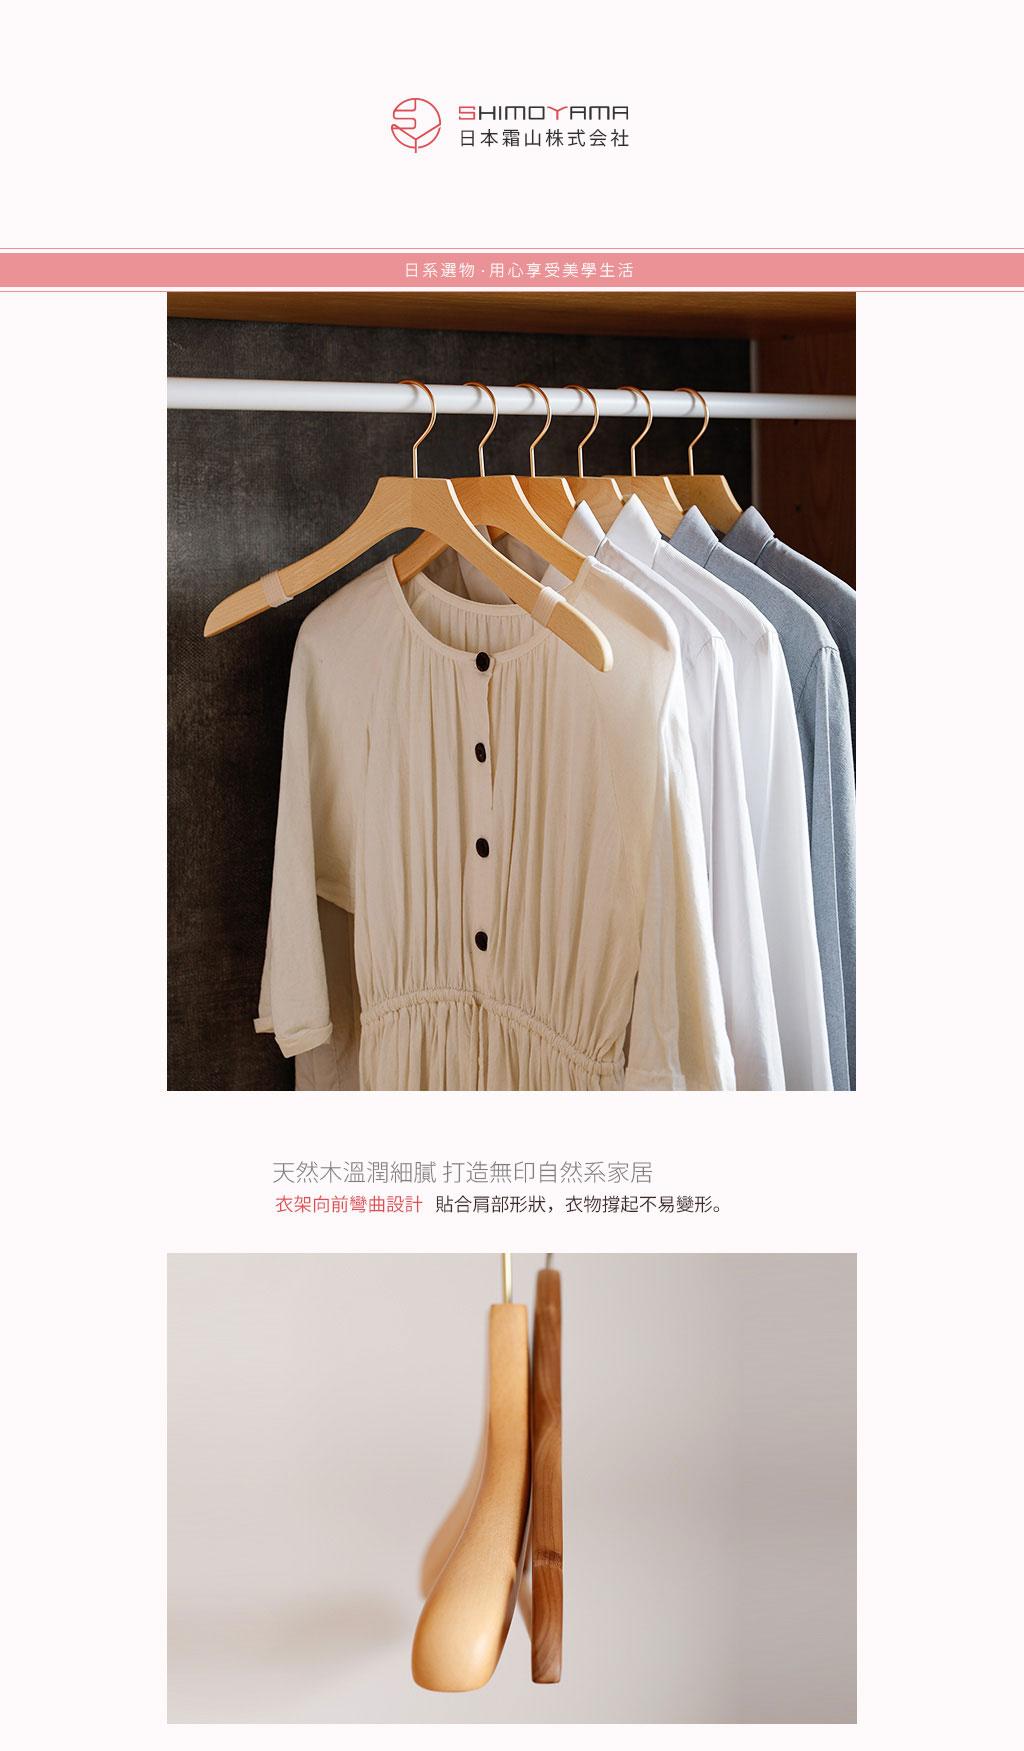 日本霜山 天然木製防滑防落衣架 (男用款) 3入